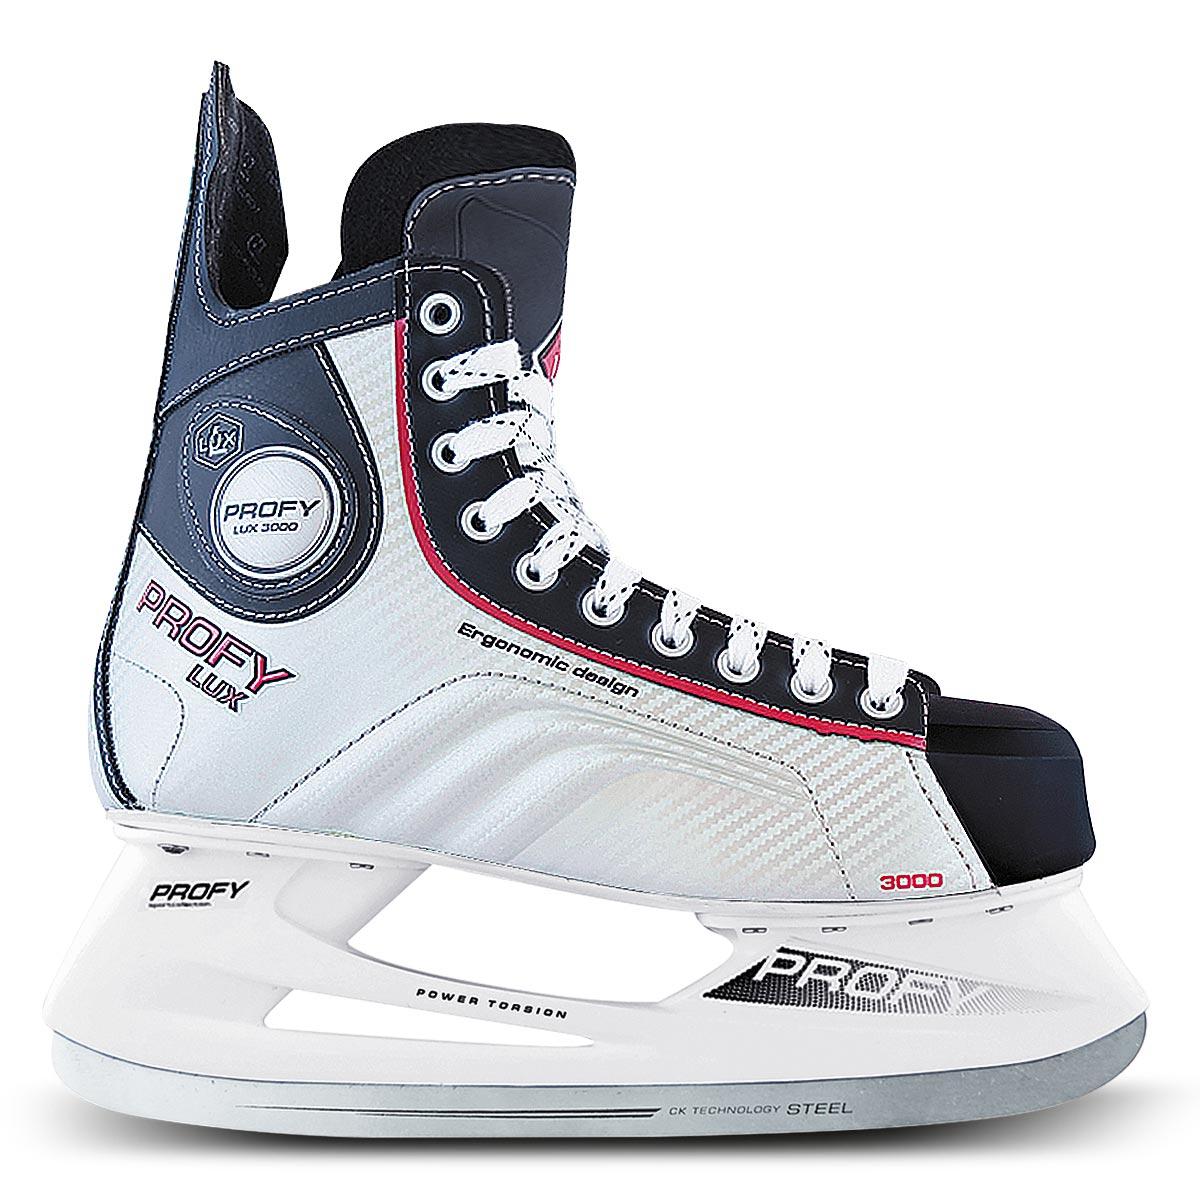 Коньки хоккейные мужские СК Profy Lux 3000, цвет: черный, серебряный, красный. Размер 42PROFY LUX 3000 Red_42Стильные коньки от CK Profy Lux 3000 Blue прекрасно подойдут для начинающих игроков в хоккей. Ботинок выполнен из морозоустойчивой искусственной кожи и ПВХ с высокой, плотной колодкой и усиленным задником, обеспечивающим боковую поддержку ноги. Мыс дополнен вставкой, которая защитит ноги от ударов. Внутренний слой и стелька изготовлены из мягкого трикотажа, который обеспечит тепло и комфорт во время катания, язычок - из войлока. Плотная шнуровка надежно фиксирует модель на ноге. Голеностоп имеет удобный суппорт. По бокам, на язычке и заднике коньки декорированы принтом и тиснением в виде логотипа бренда. Подошва - из твердого пластика. Стойка выполнена из ударопрочного поливинилхлорида. Лезвие из нержавеющей стали обеспечит превосходное скольжение. Оригинальные коньки придутся вам по душе.